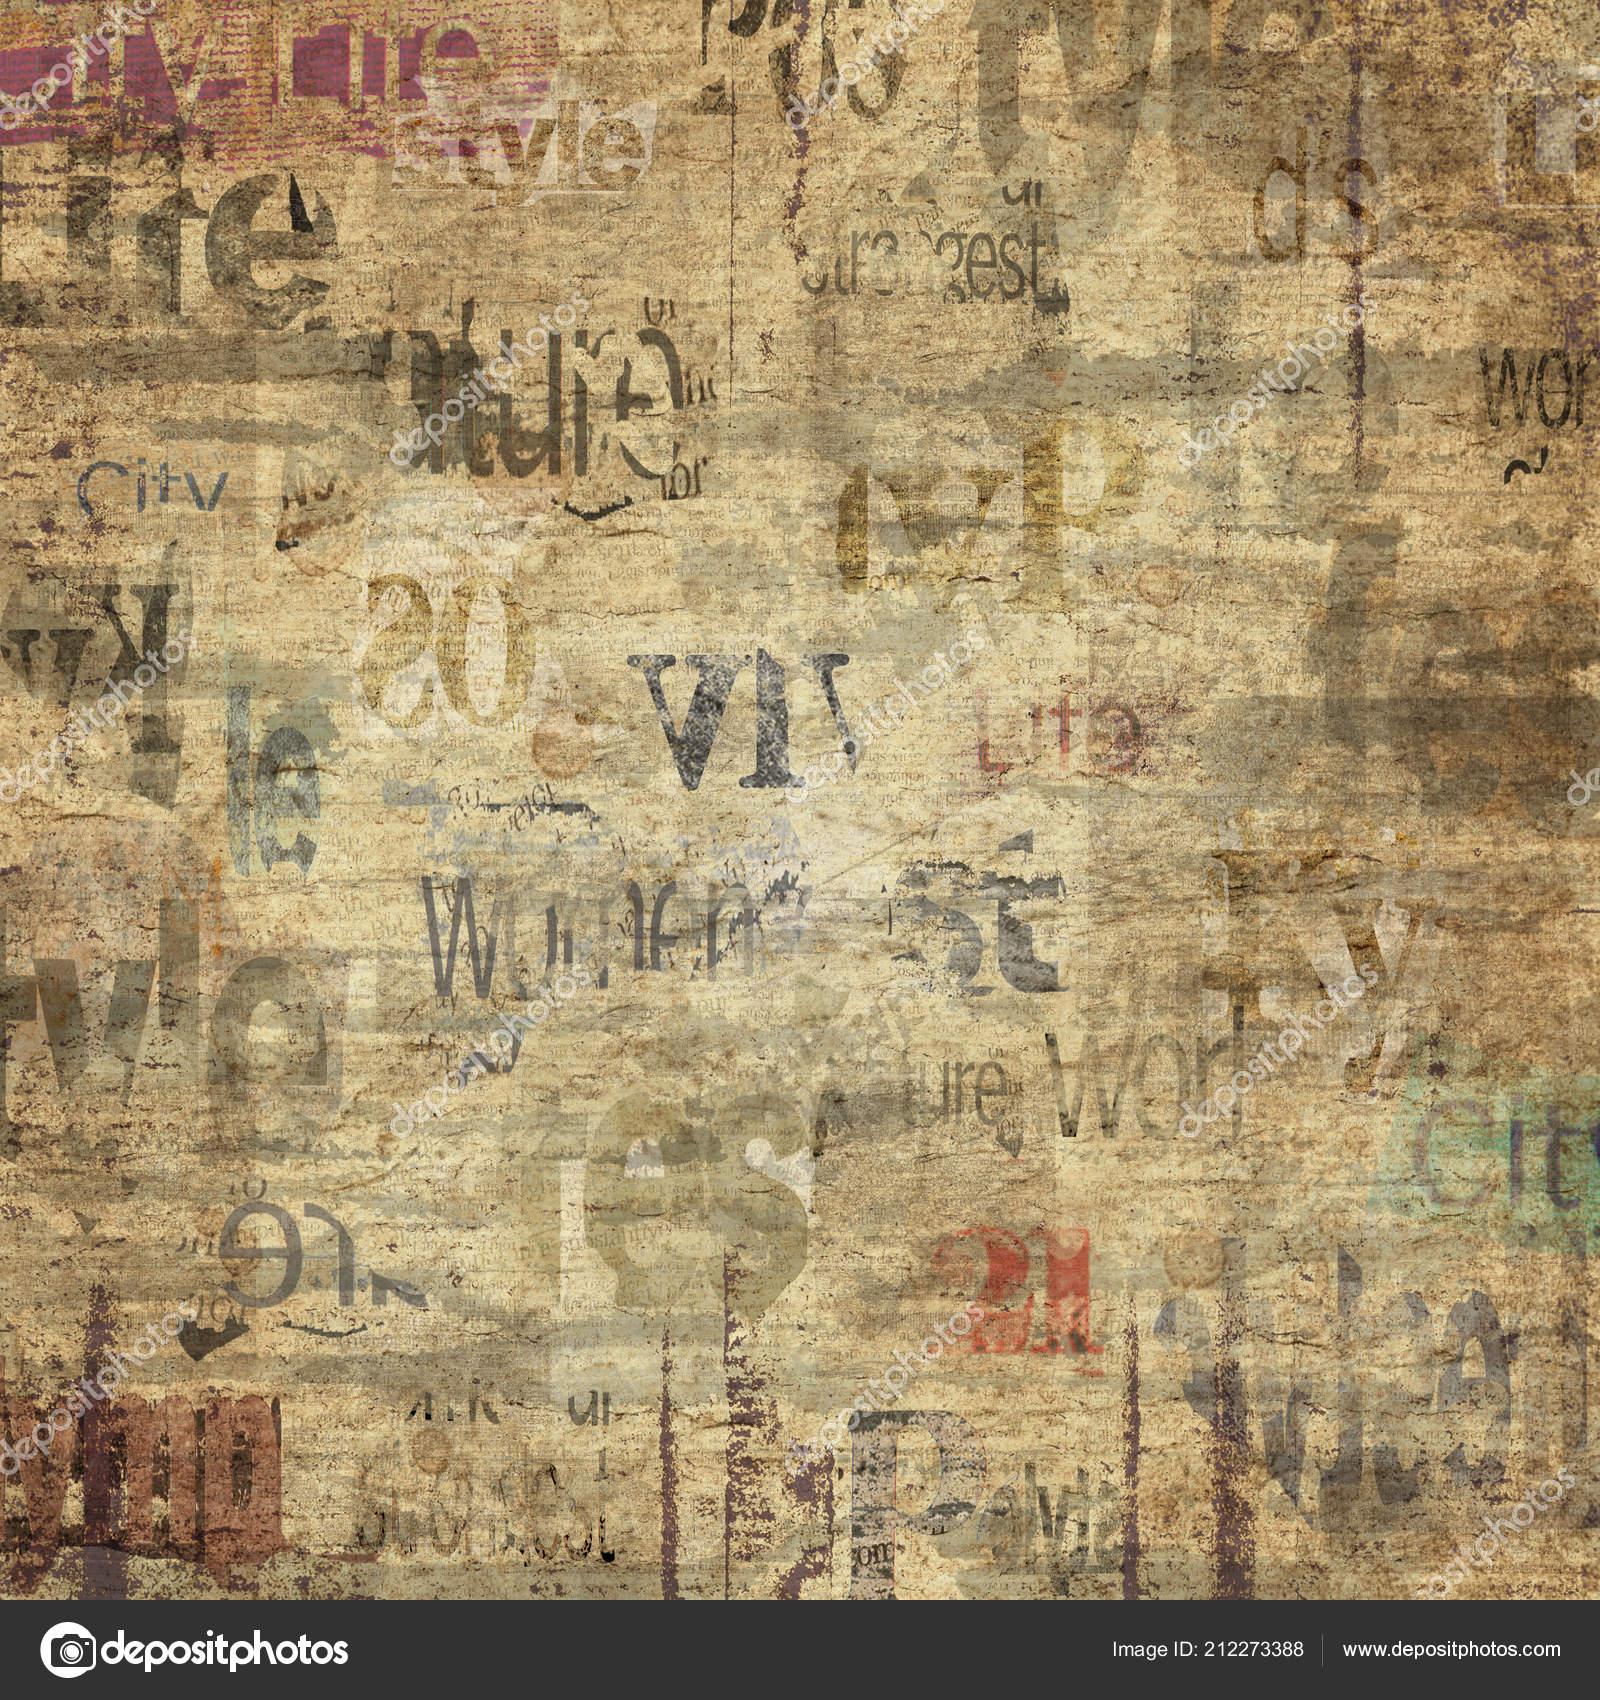 Papel Periódico Viejo Grunge Textura Fondo Cuadrado Textura Del